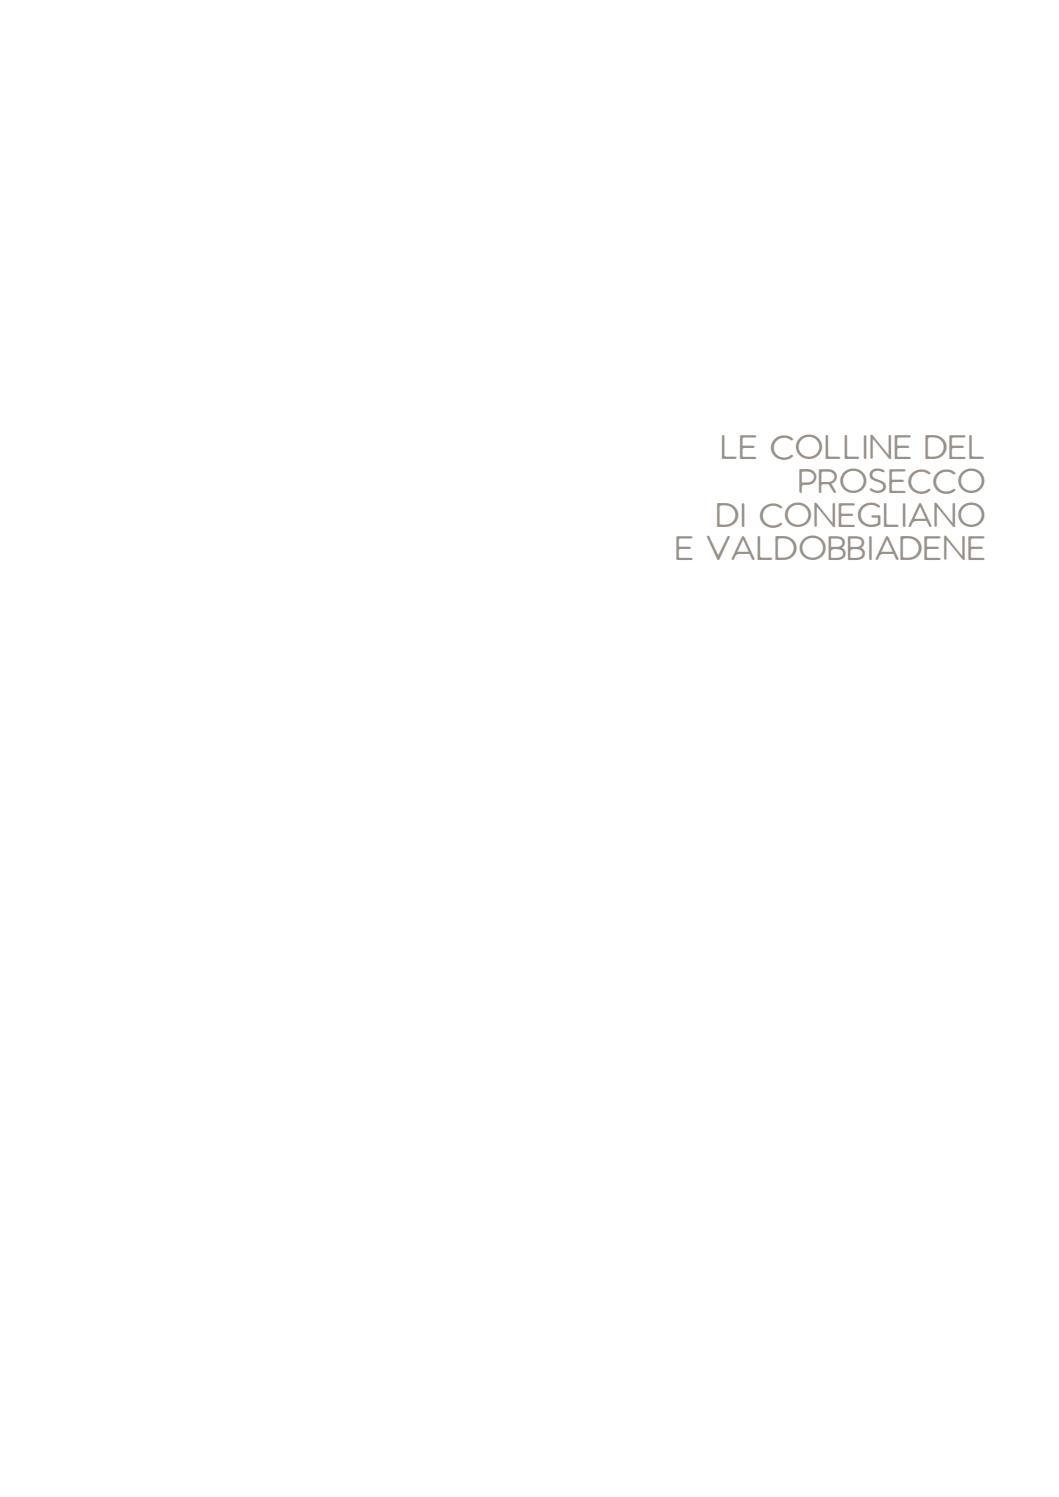 Dossier di Candidatura - Le colline del Prosecco di Conegliano e  Valdobbiadene by Conegliano Valdobbiadene Prosecco Superiore - issuu cdb06802a40c